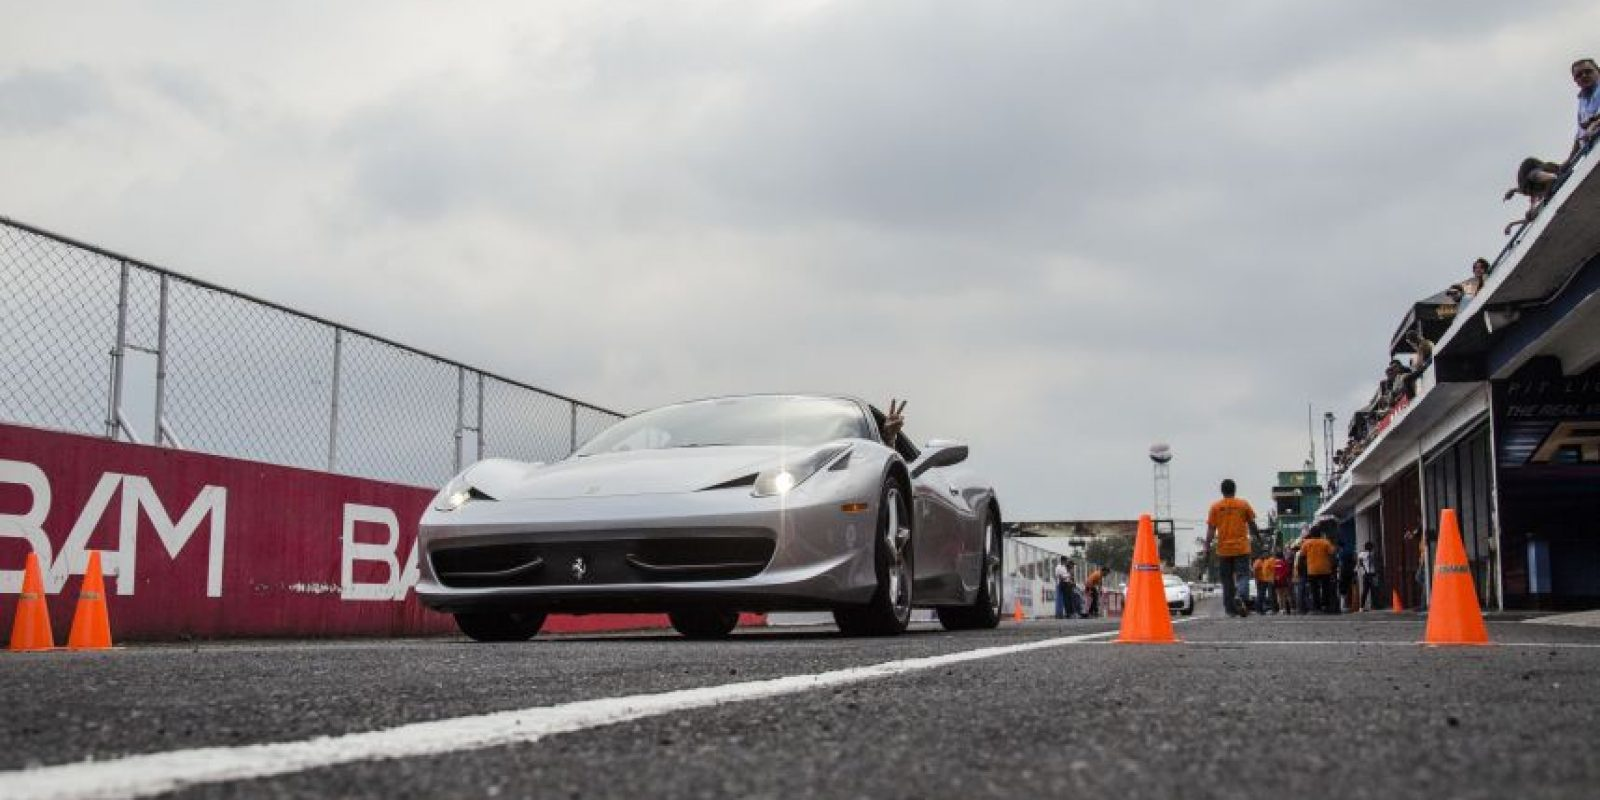 Esta es la cuarta fecha del evento en el que cientos de guatemaltecos amantes de la velocidad han vivido una experiencia extraordinaria Foto:LUIS CARLOS NÁJERA